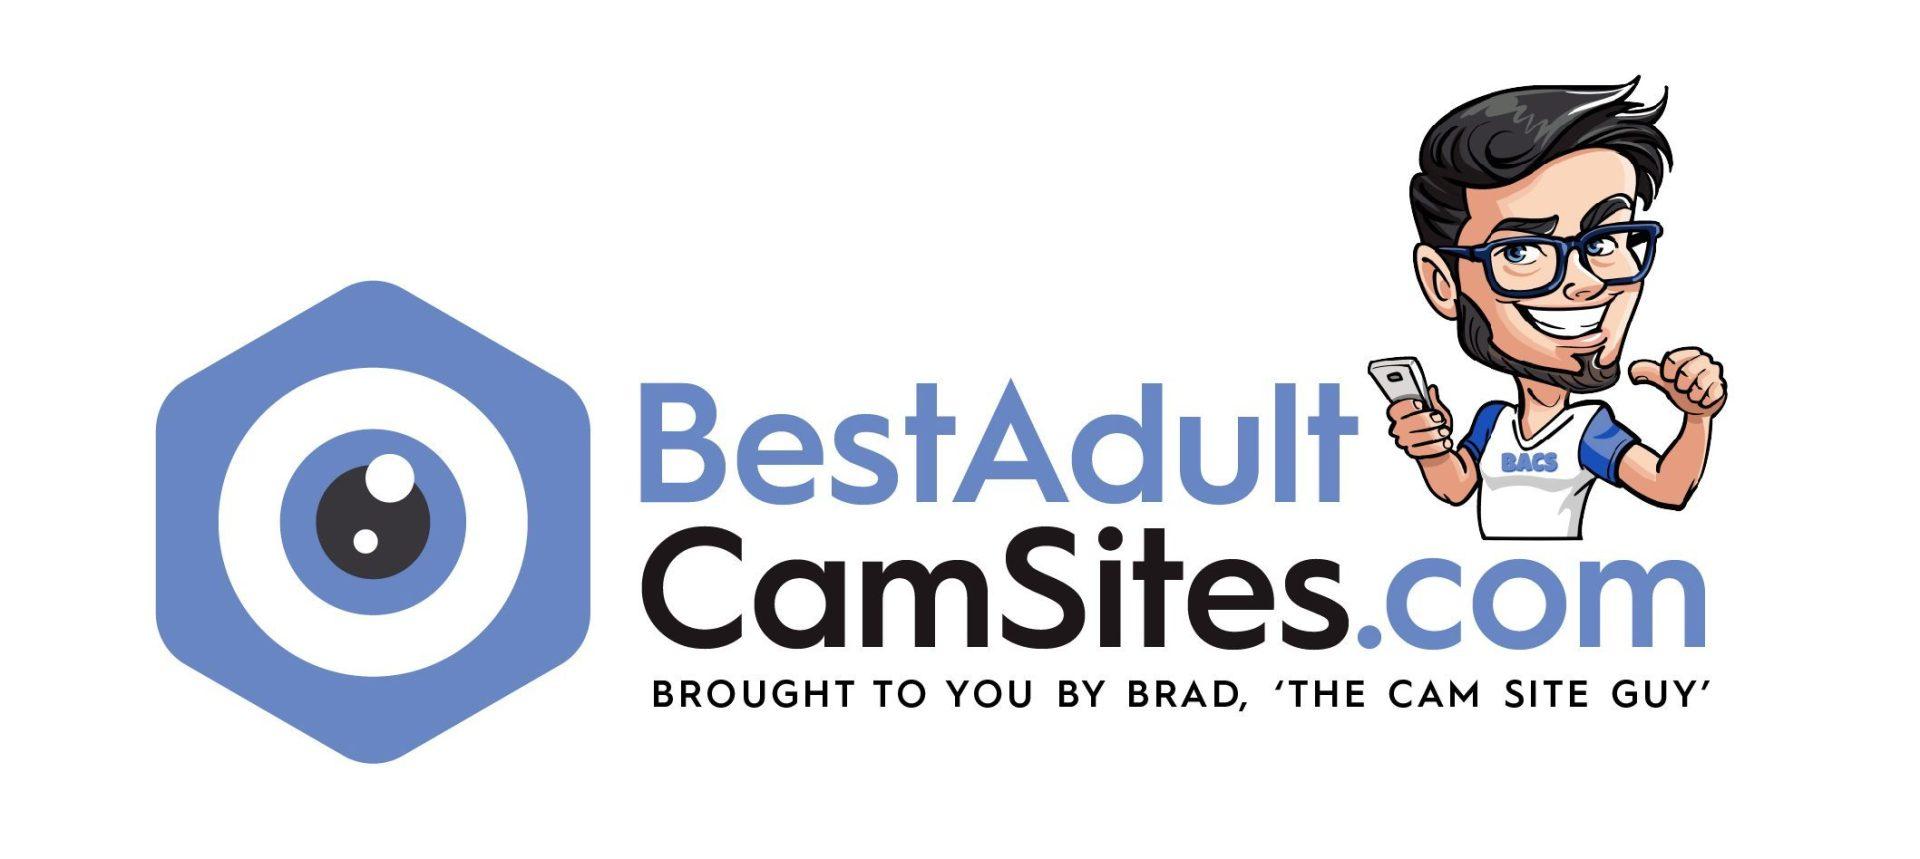 Live Sex Cam Websites